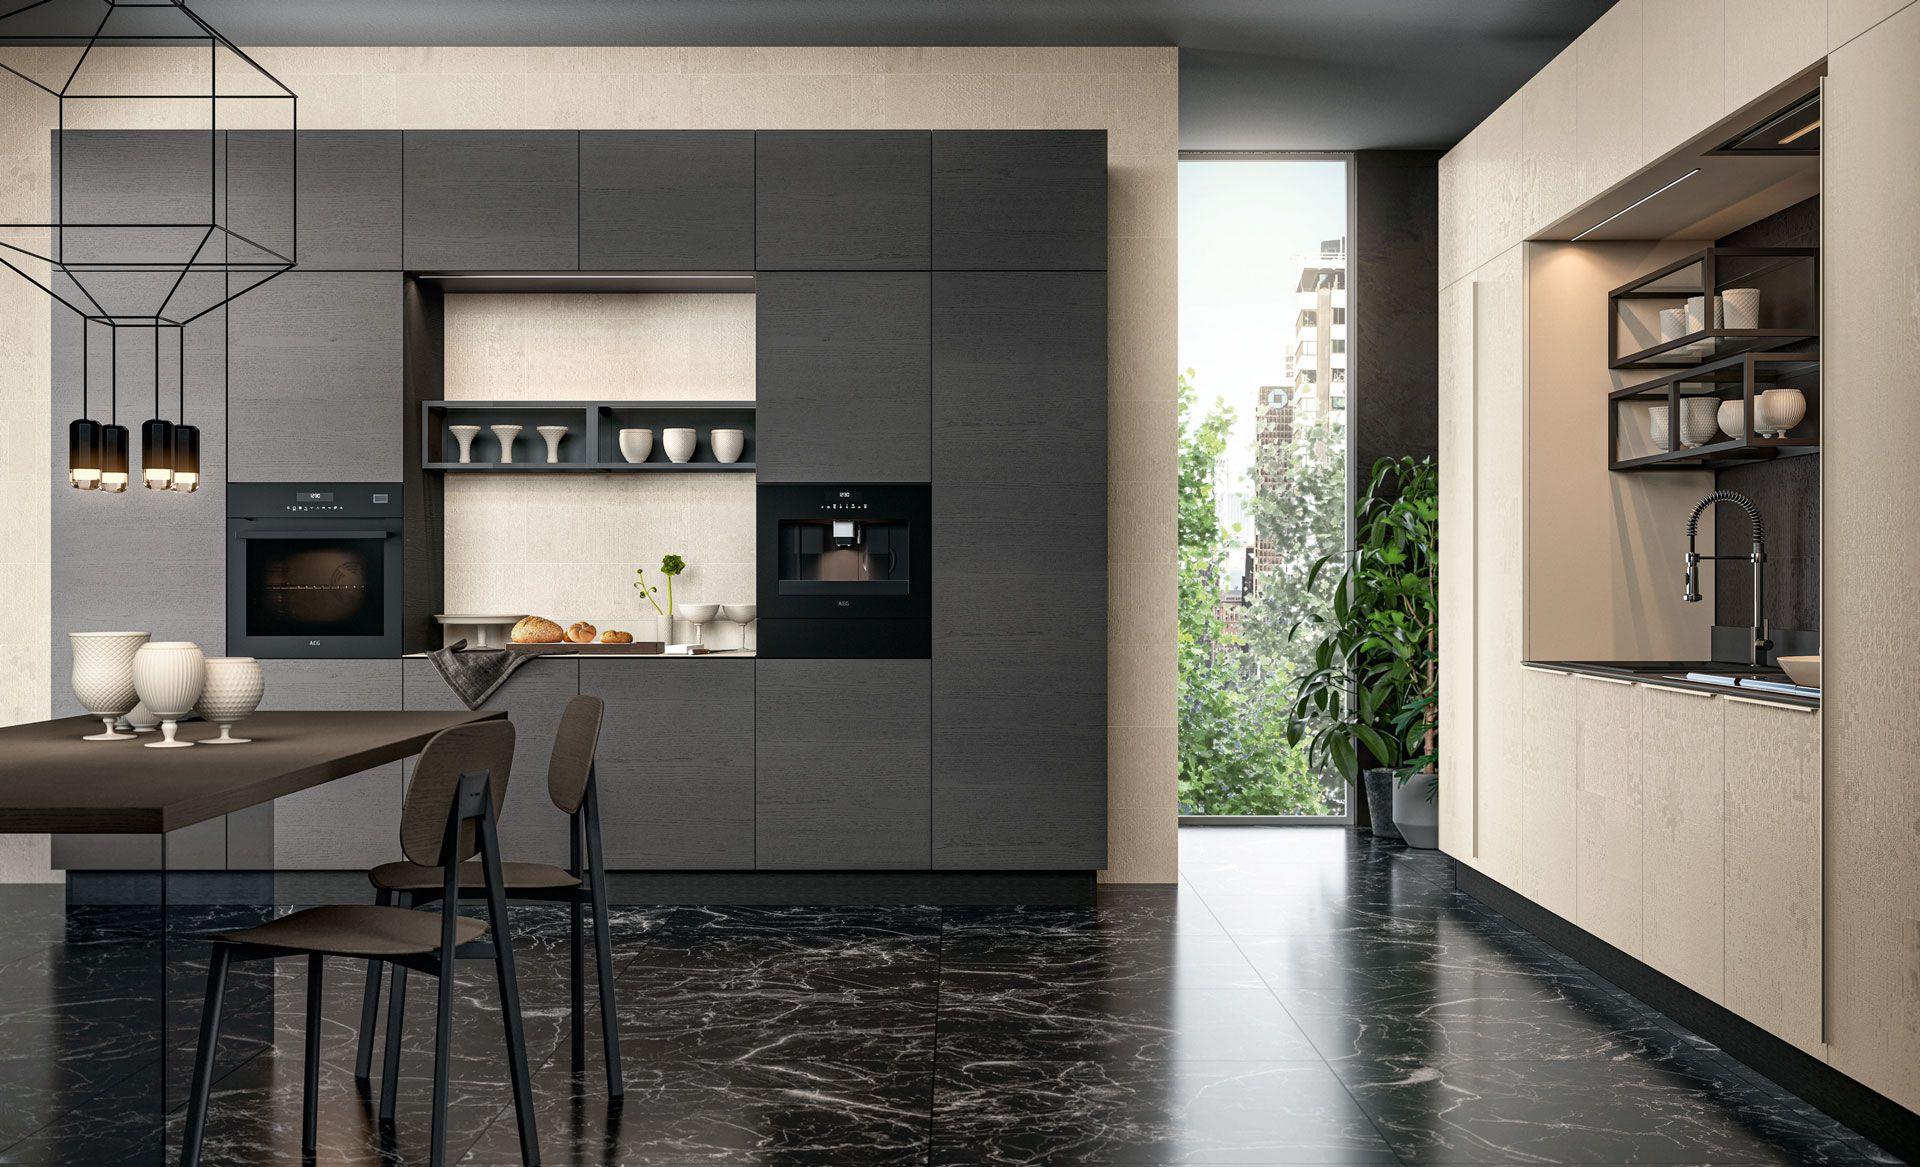 Clover Cucine Moderne Cucine Lube Cucine Moderne Cucine Idee Per La Cucina